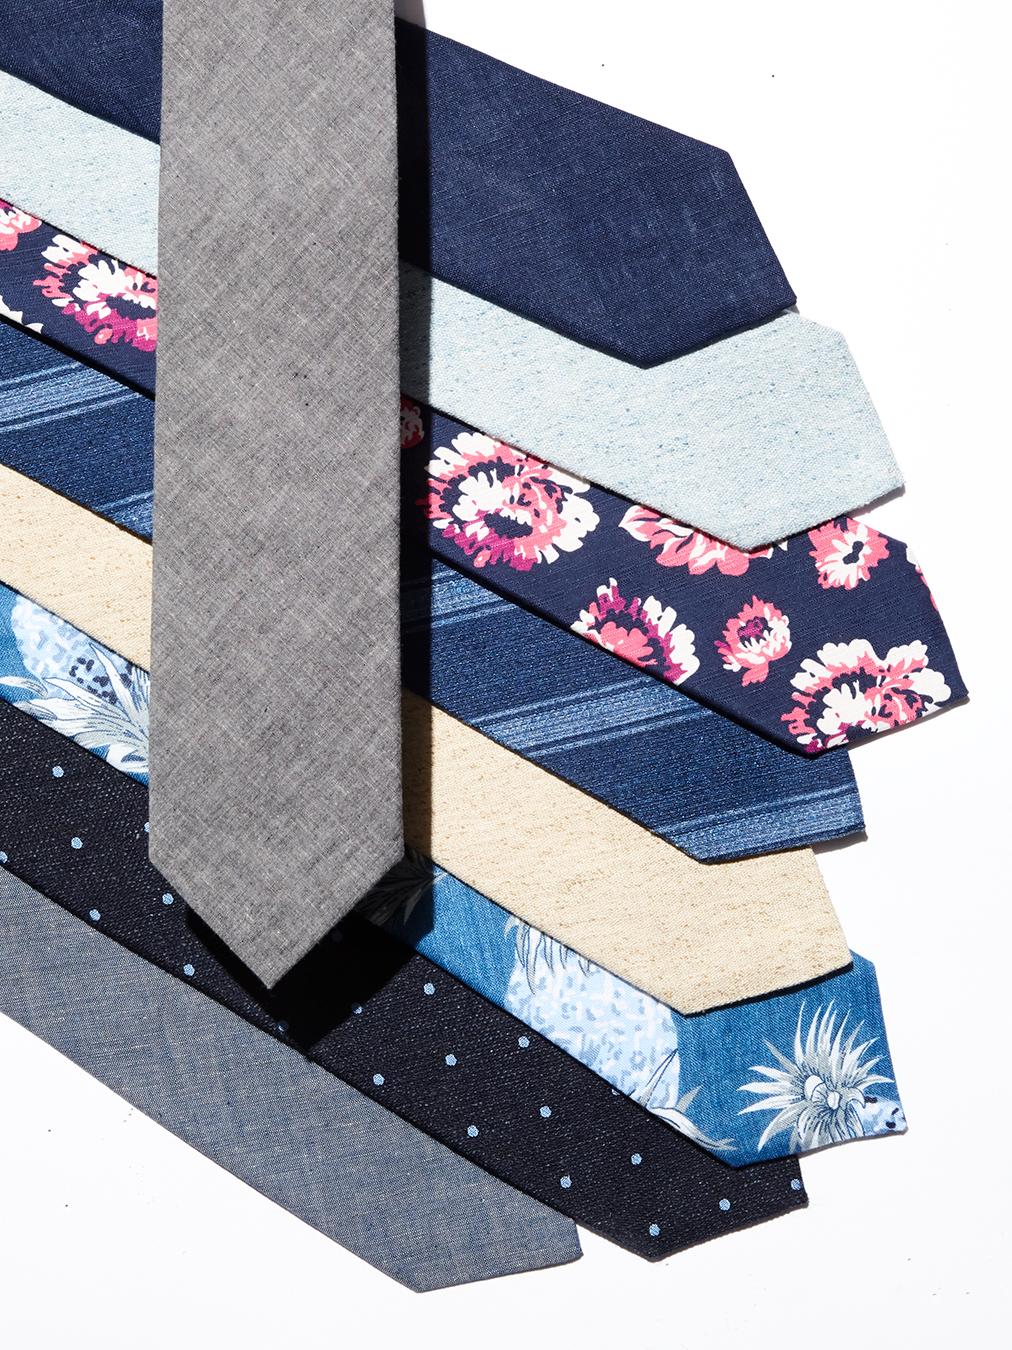 SOCIAL_SU18_Summer-Fabric-Ties_163.jpg